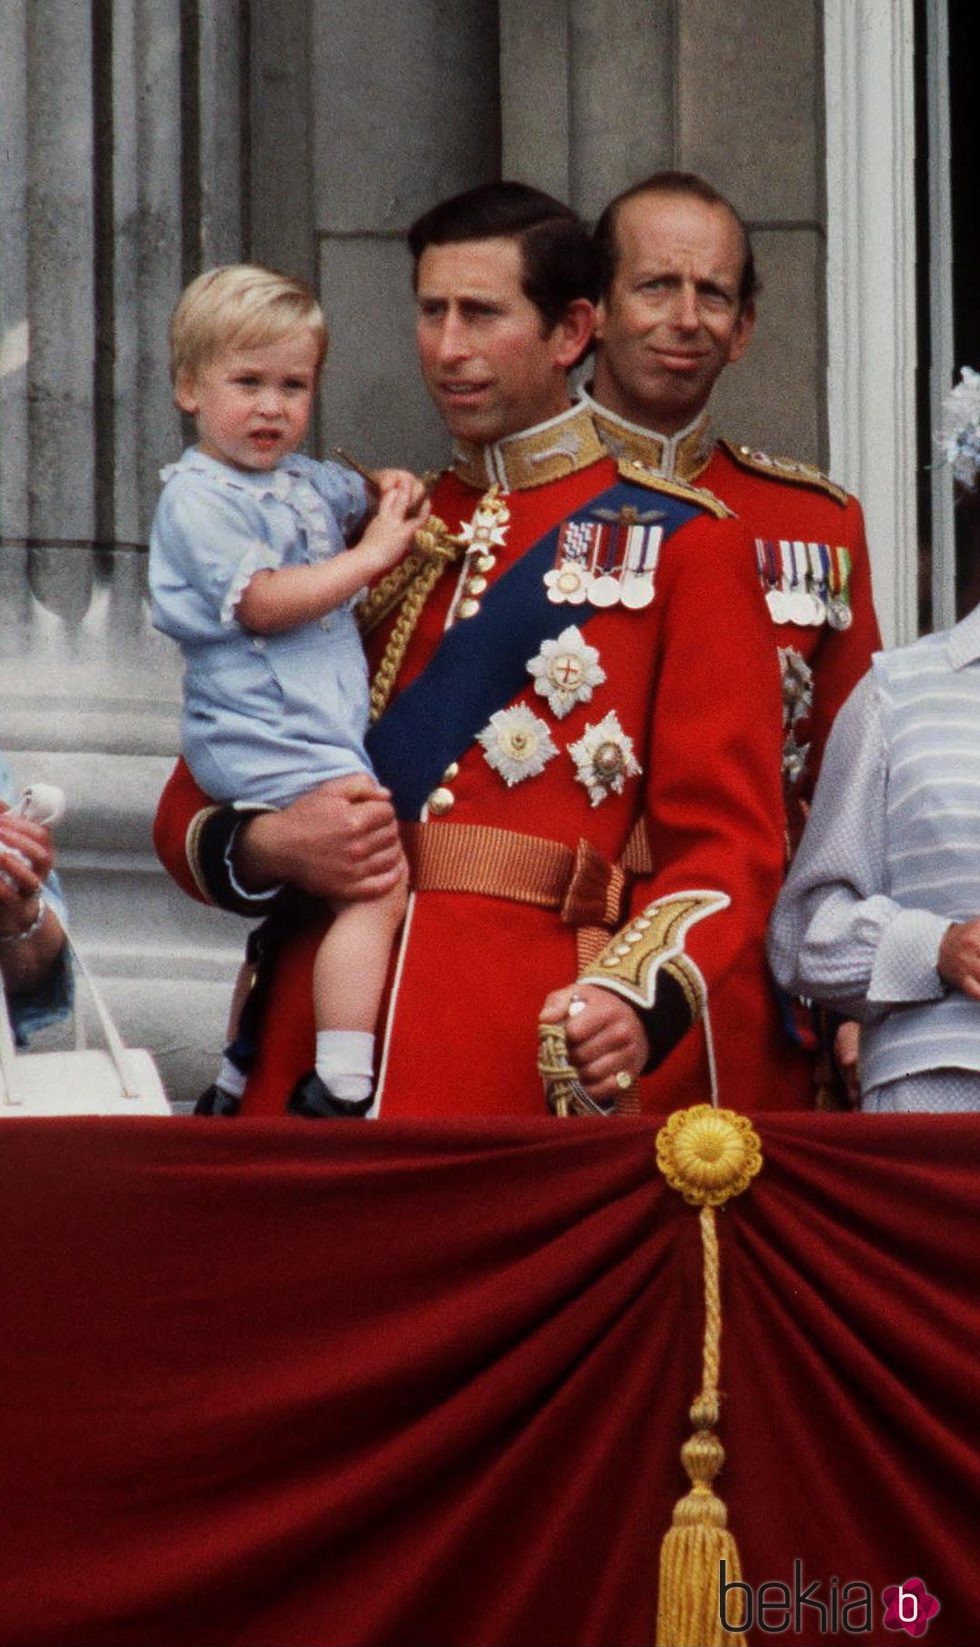 El Príncipe Carlos con Guillermo de Inglaterra en el Trooping the Colour 1984